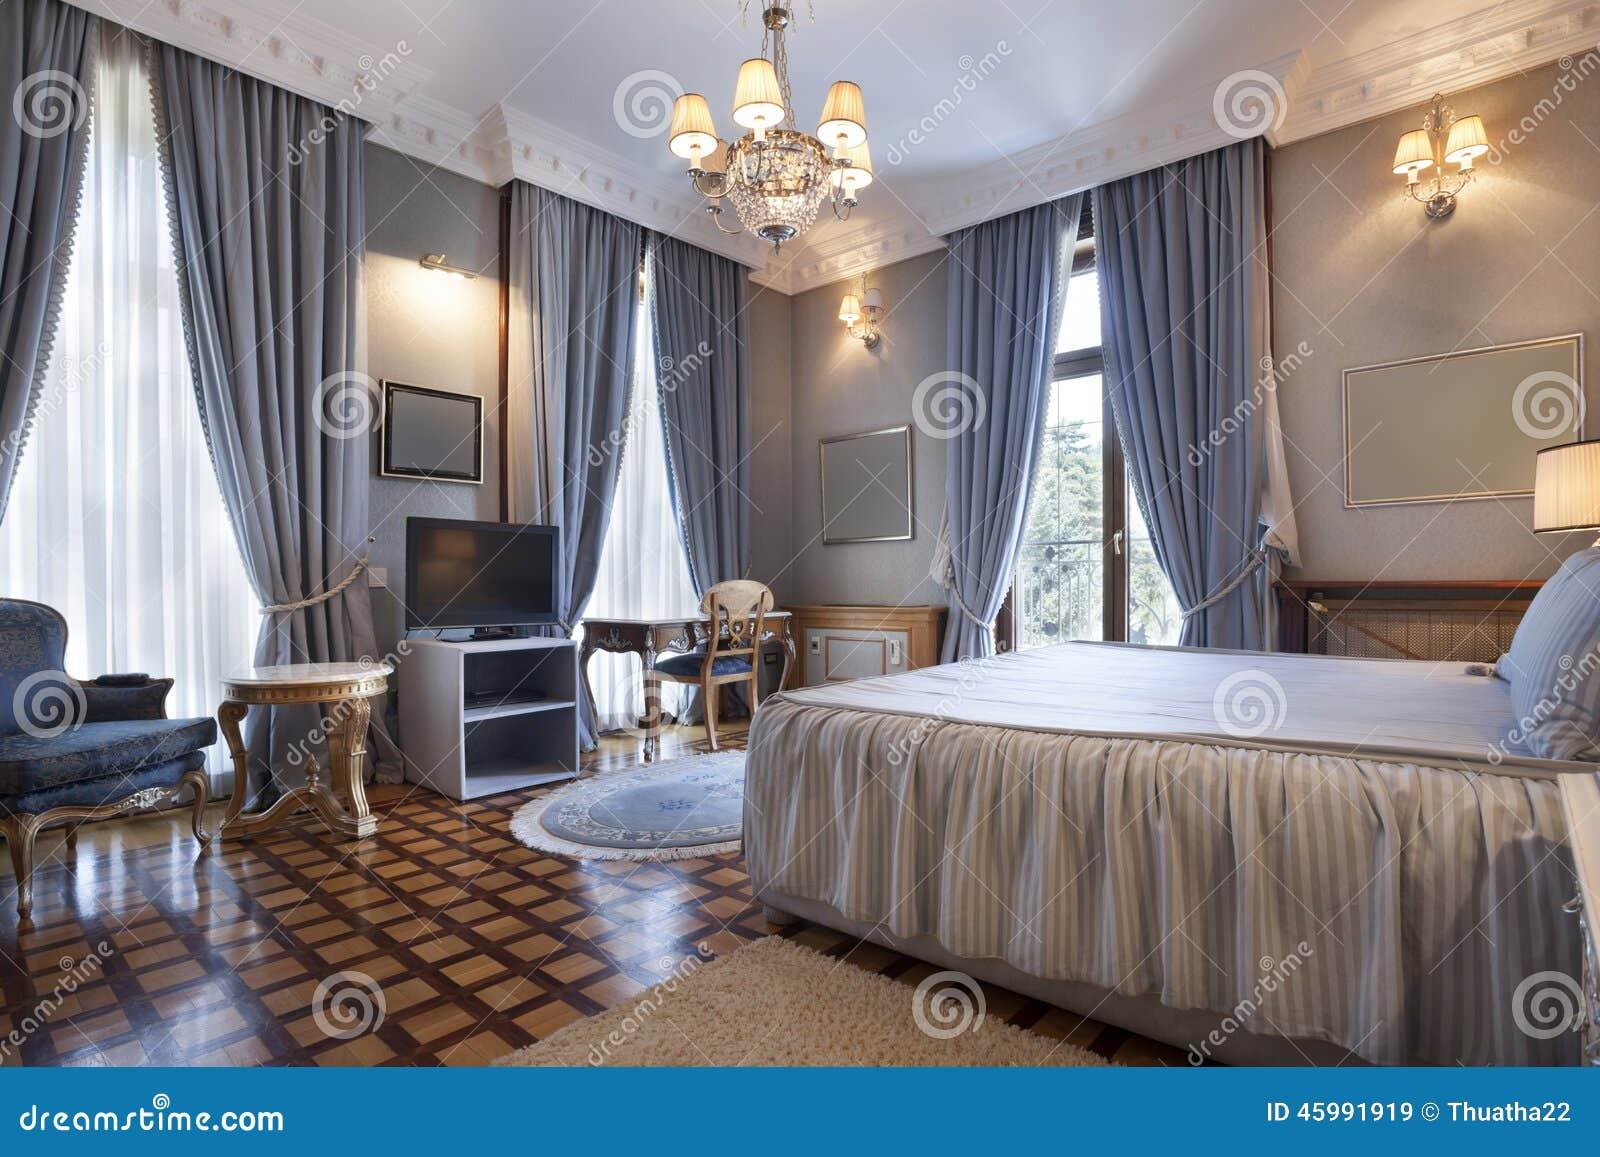 https://thumbs.dreamstime.com/z/interior-de-um-quarto-cl%C3%A1ssico-do-estilo-na-casa-de-campo-luxuosa-45991919.jpg